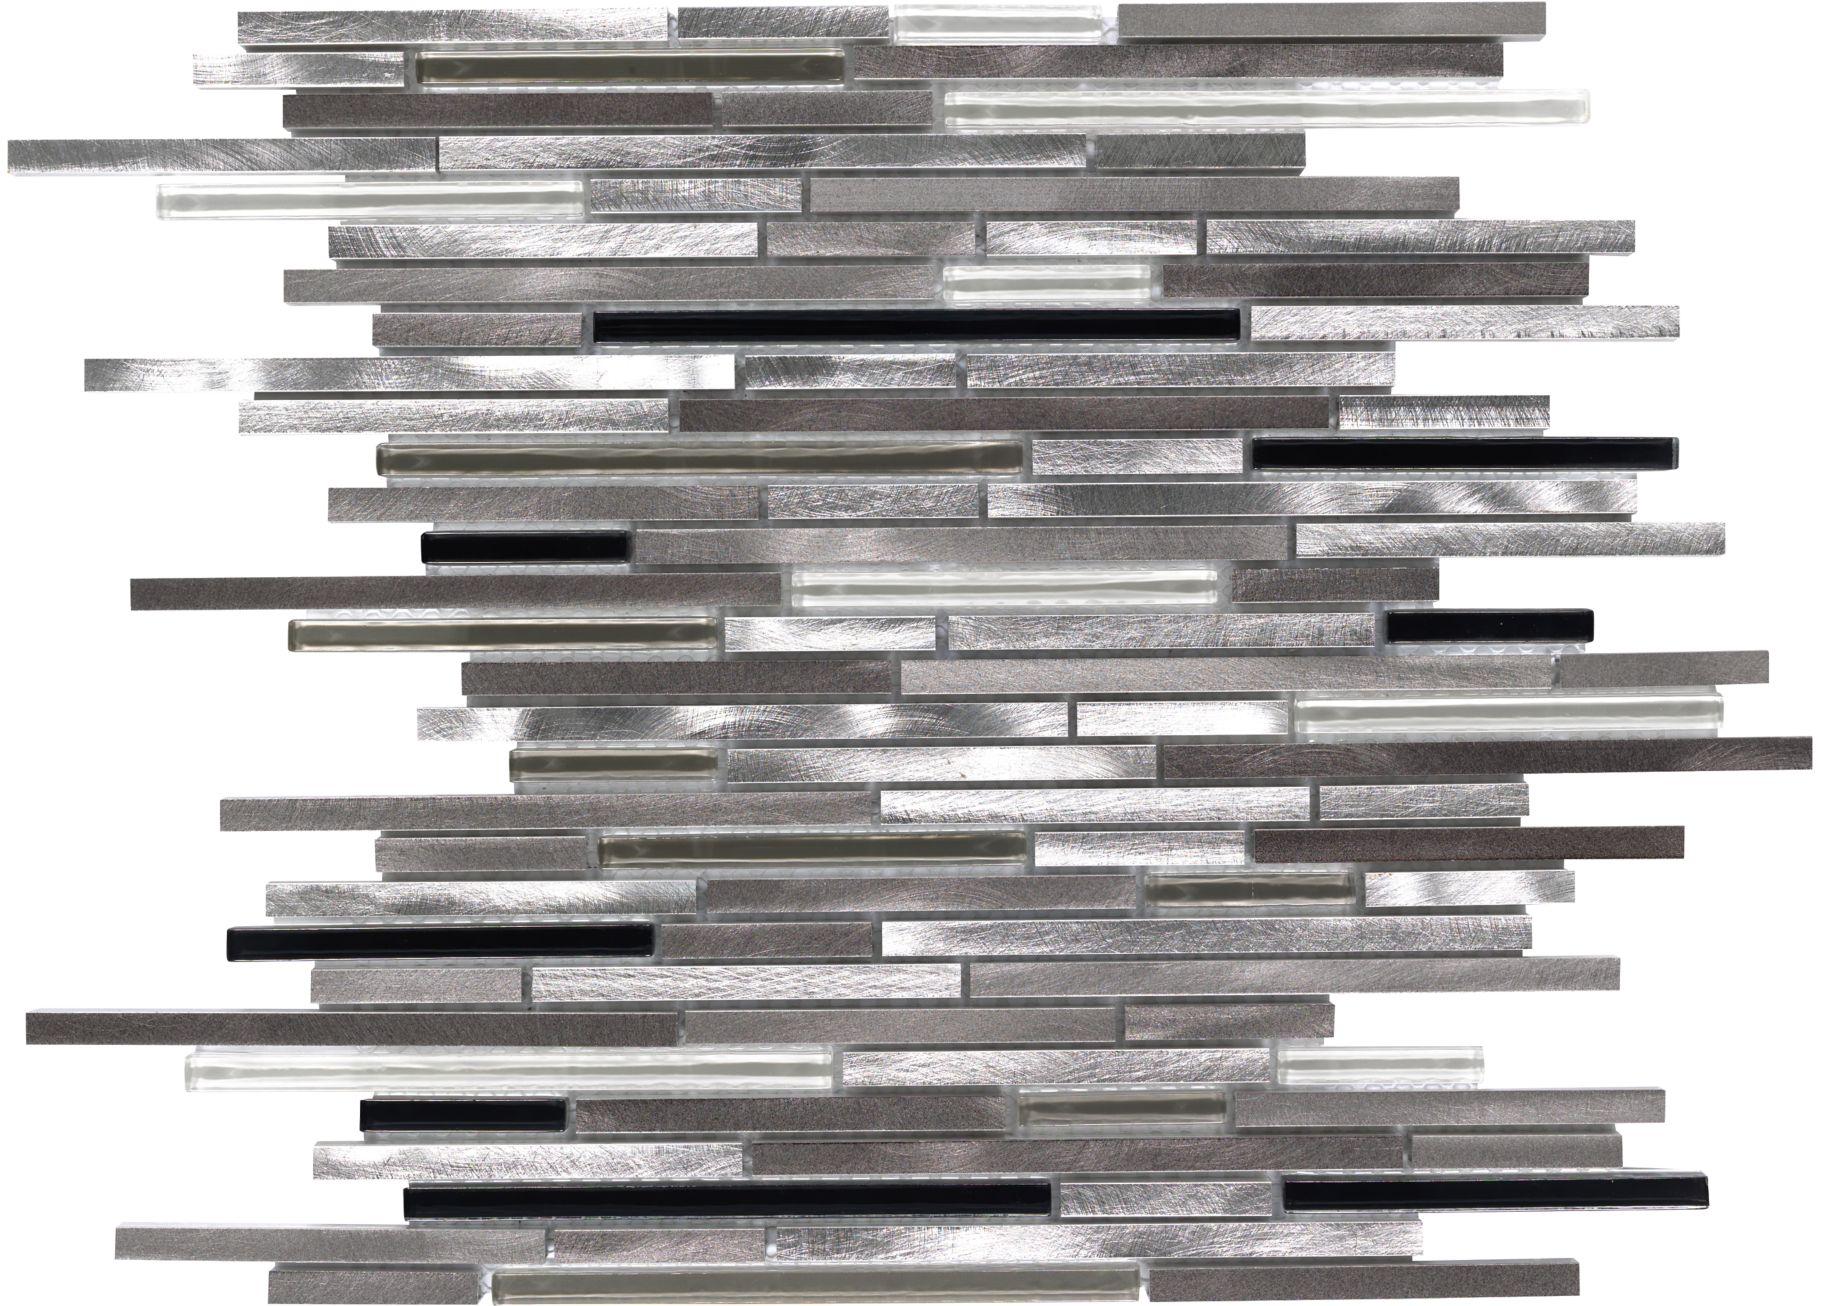 CeramicPorcelainTile ArborMetals T818-AM06 Titanium